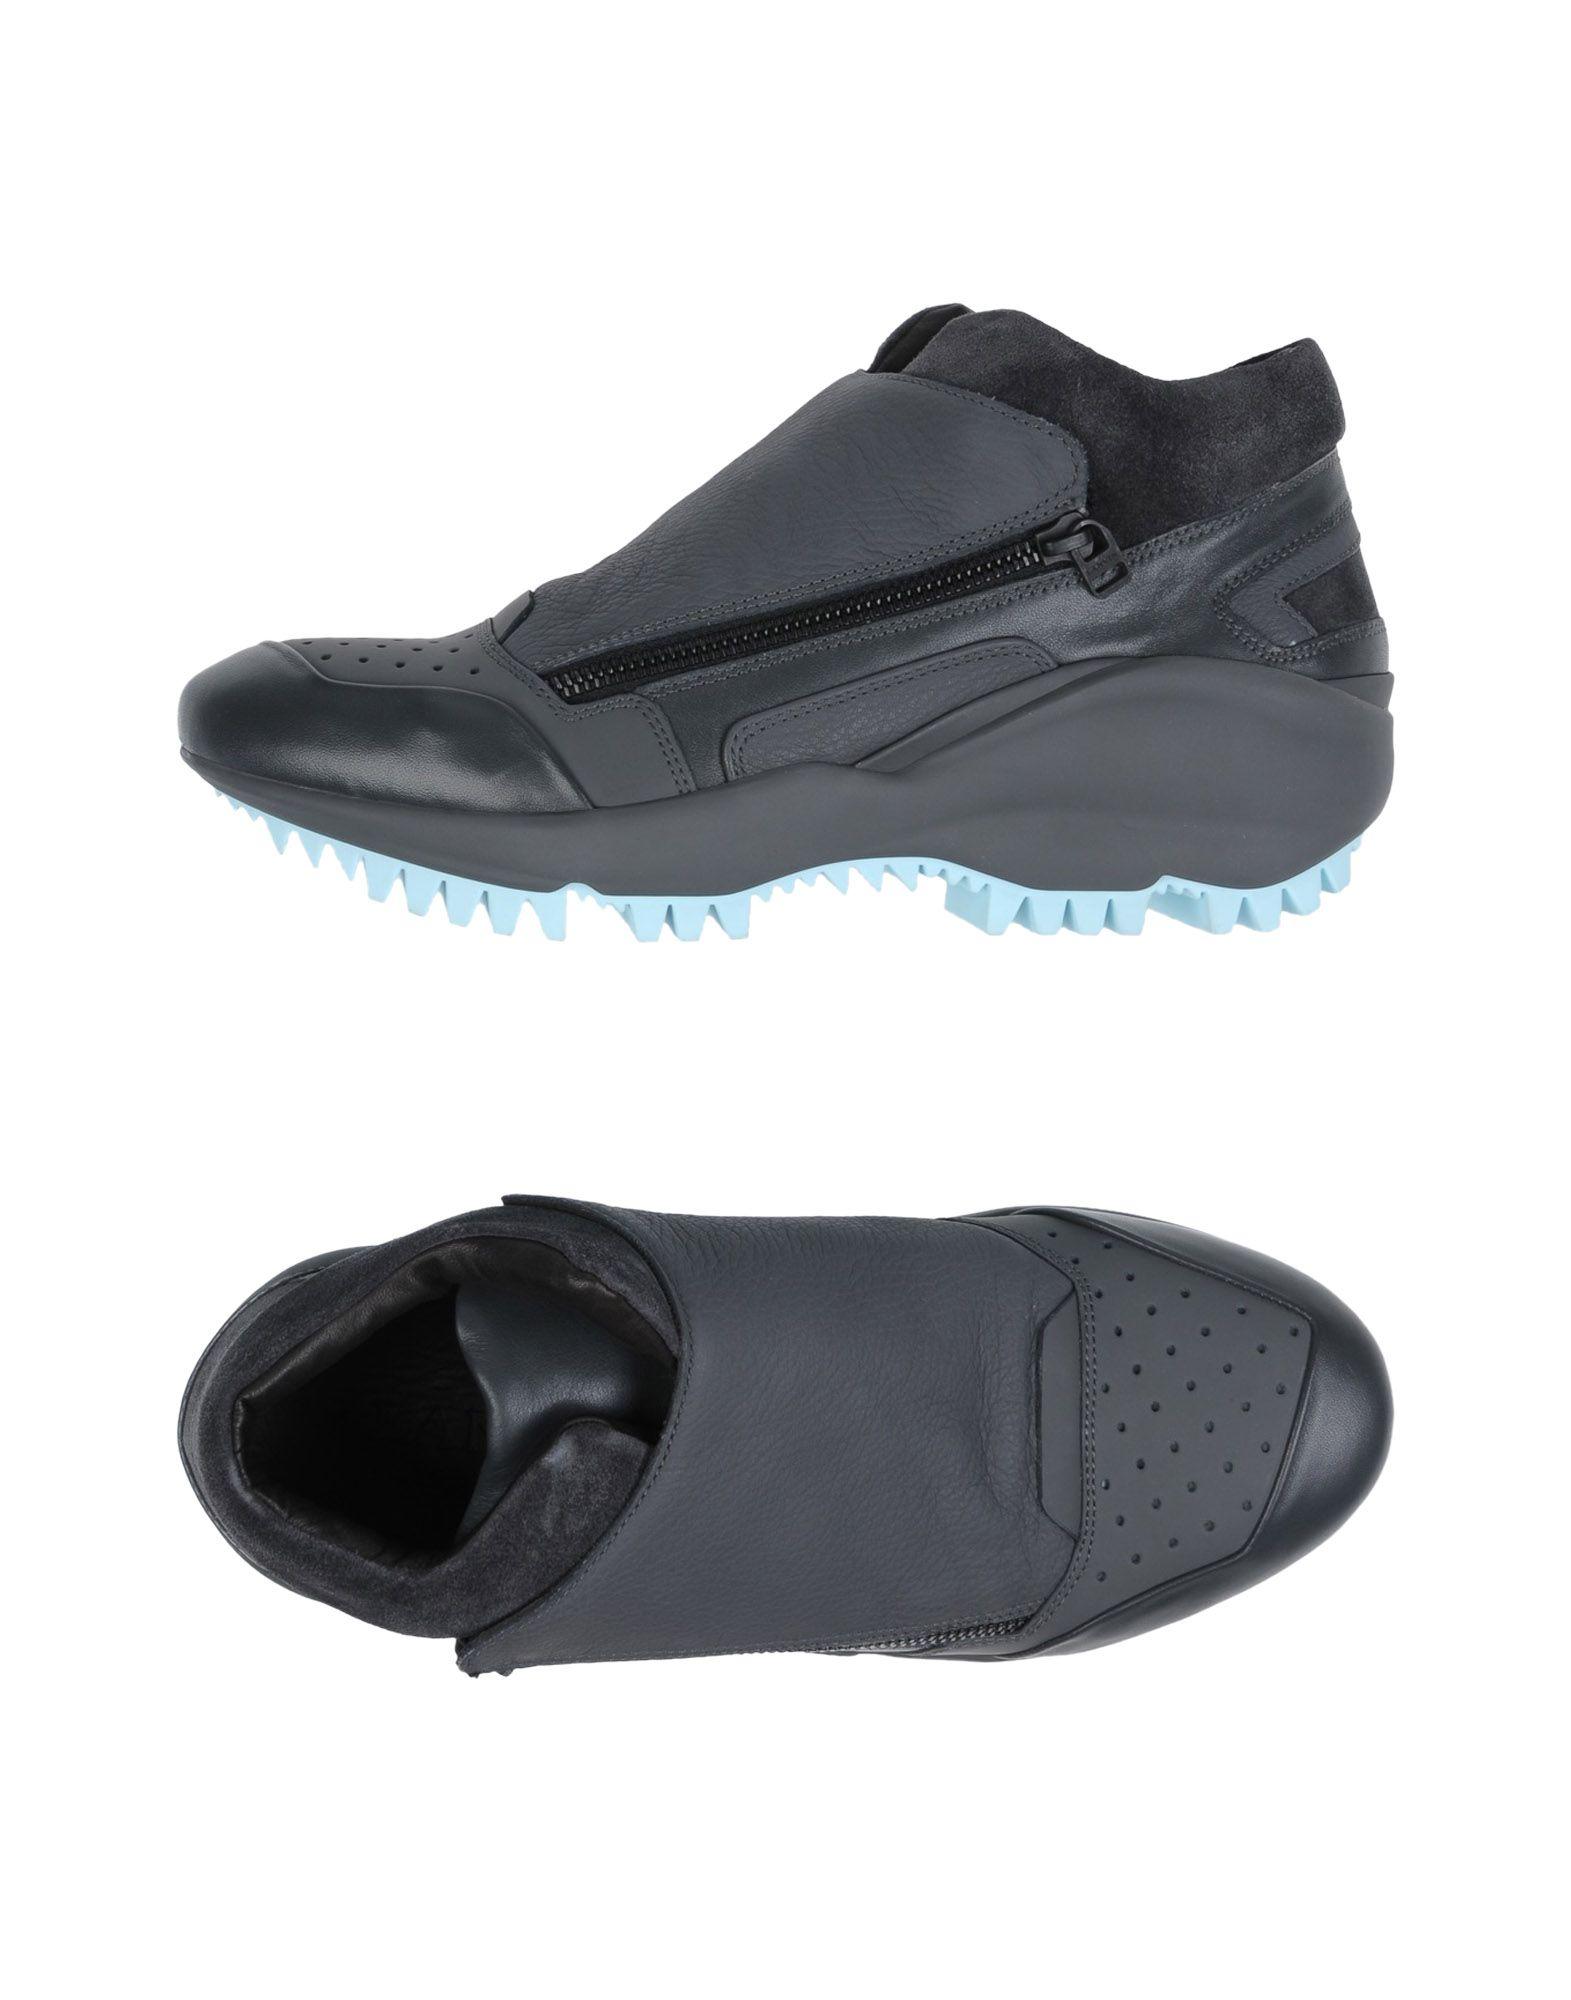 Lanvin Sneakers Herren  Schuhe 11290519OI Gute Qualität beliebte Schuhe  d7bfe7